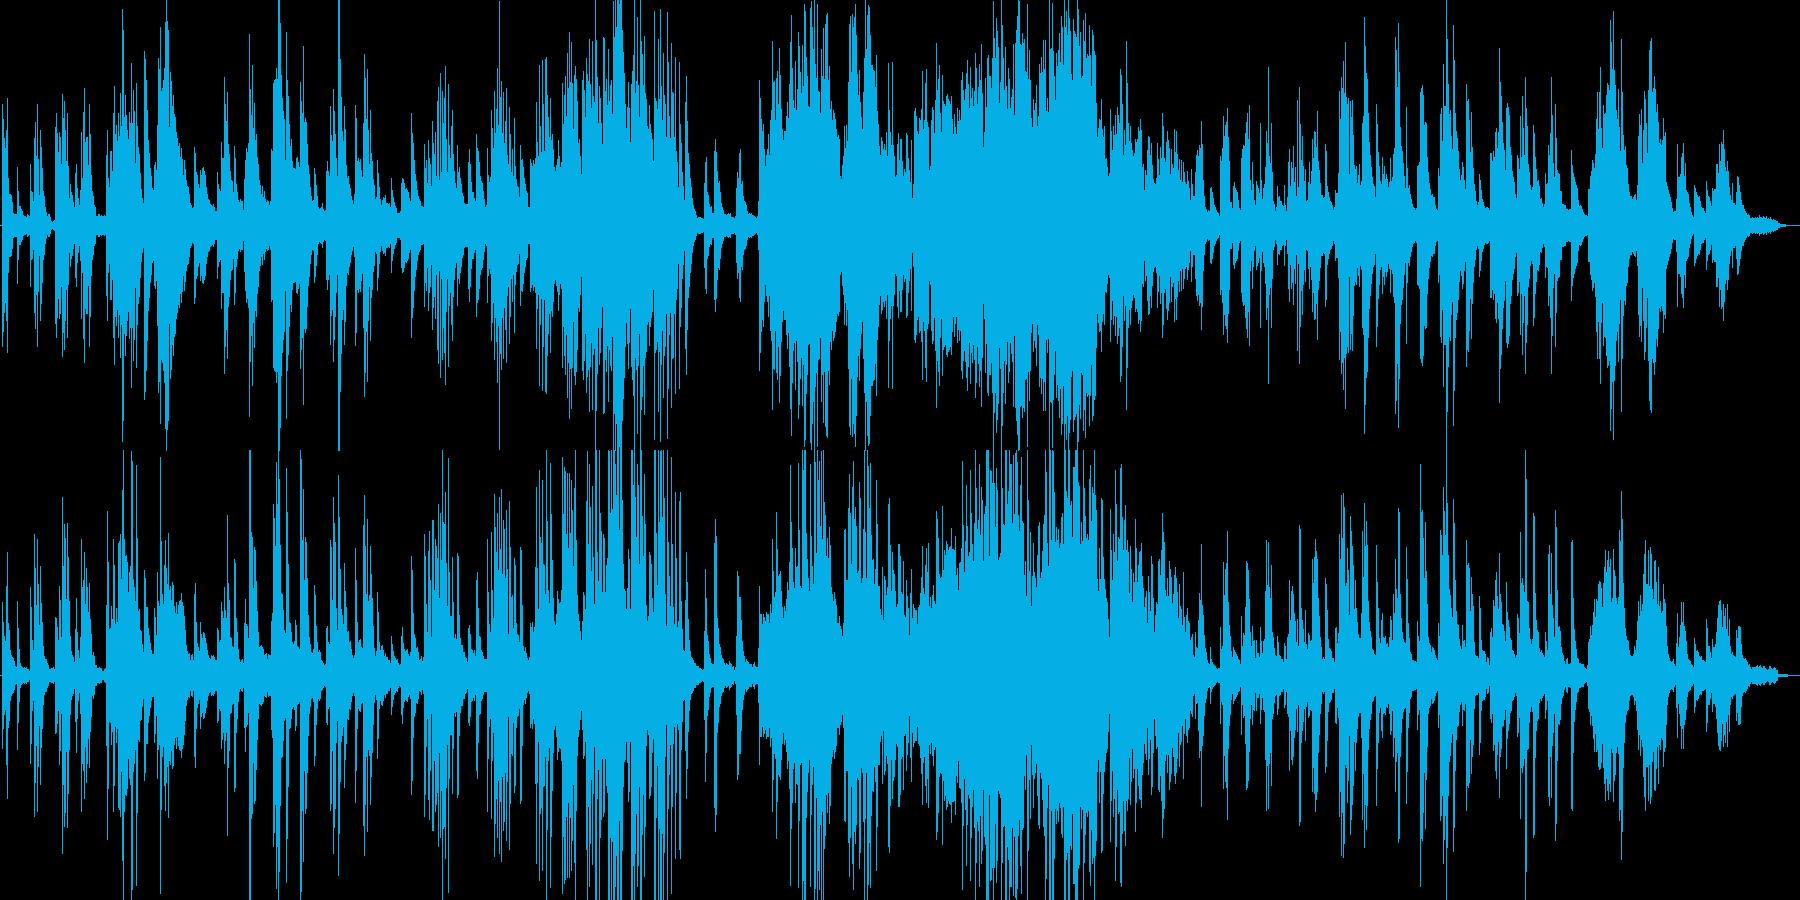 クラシックの有名曲『月の光』ピアノ演奏の再生済みの波形